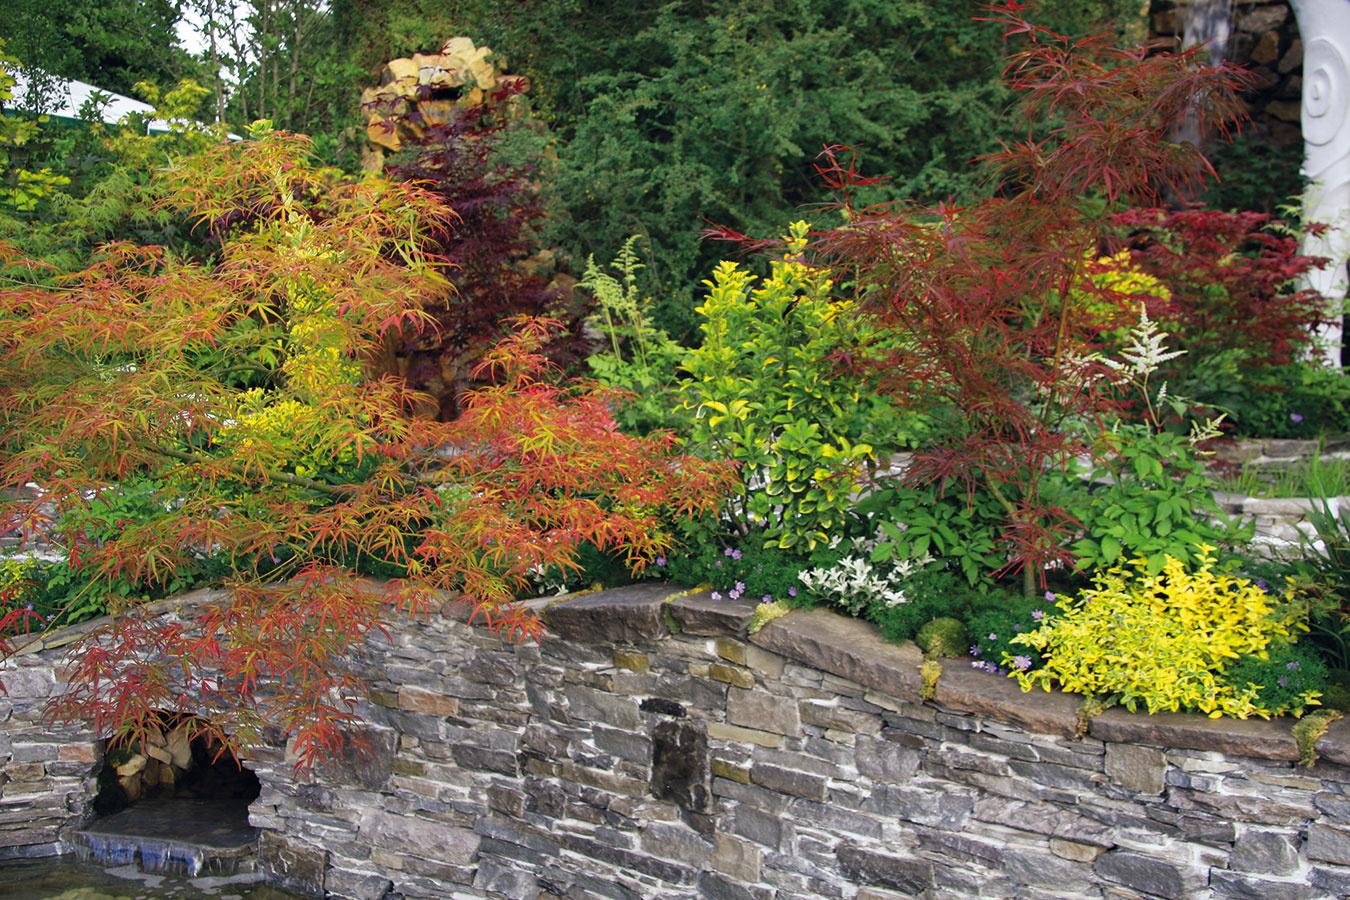 Múriky môžu byť aj súčasťou kompozície v ázijskom štýle. Na korune murovaných múrikov, ktoré musia mať aspoň 80 cm hlboký betónový základ, sa pekne rozrastú japonské javory, pierisy alebo vždyzelené bršleny. Múrik môže vytvárať aj kulisu pre vodnú nádrž a ukrývať miesto, odkiaľ vyteká voda. Netradičný je vlnitý tvar koruny múrika, na ktorý môžu nadväzovať vlnité okraje záhonov či kľukaté cestičky. Pri takomto type múrika treba starostlivo zvážiť nielen výber kameňa a jeho farebnosť, ale aj výber škárovacej hmoty. Tá by mala s kameňom buď plne ladiť, alebo mierne kontrastovať. Aj tu platí, že kamene musia byť v múriku vždy zviazané, čo zaistí celistvosť a dobrú nosnosť múrika.